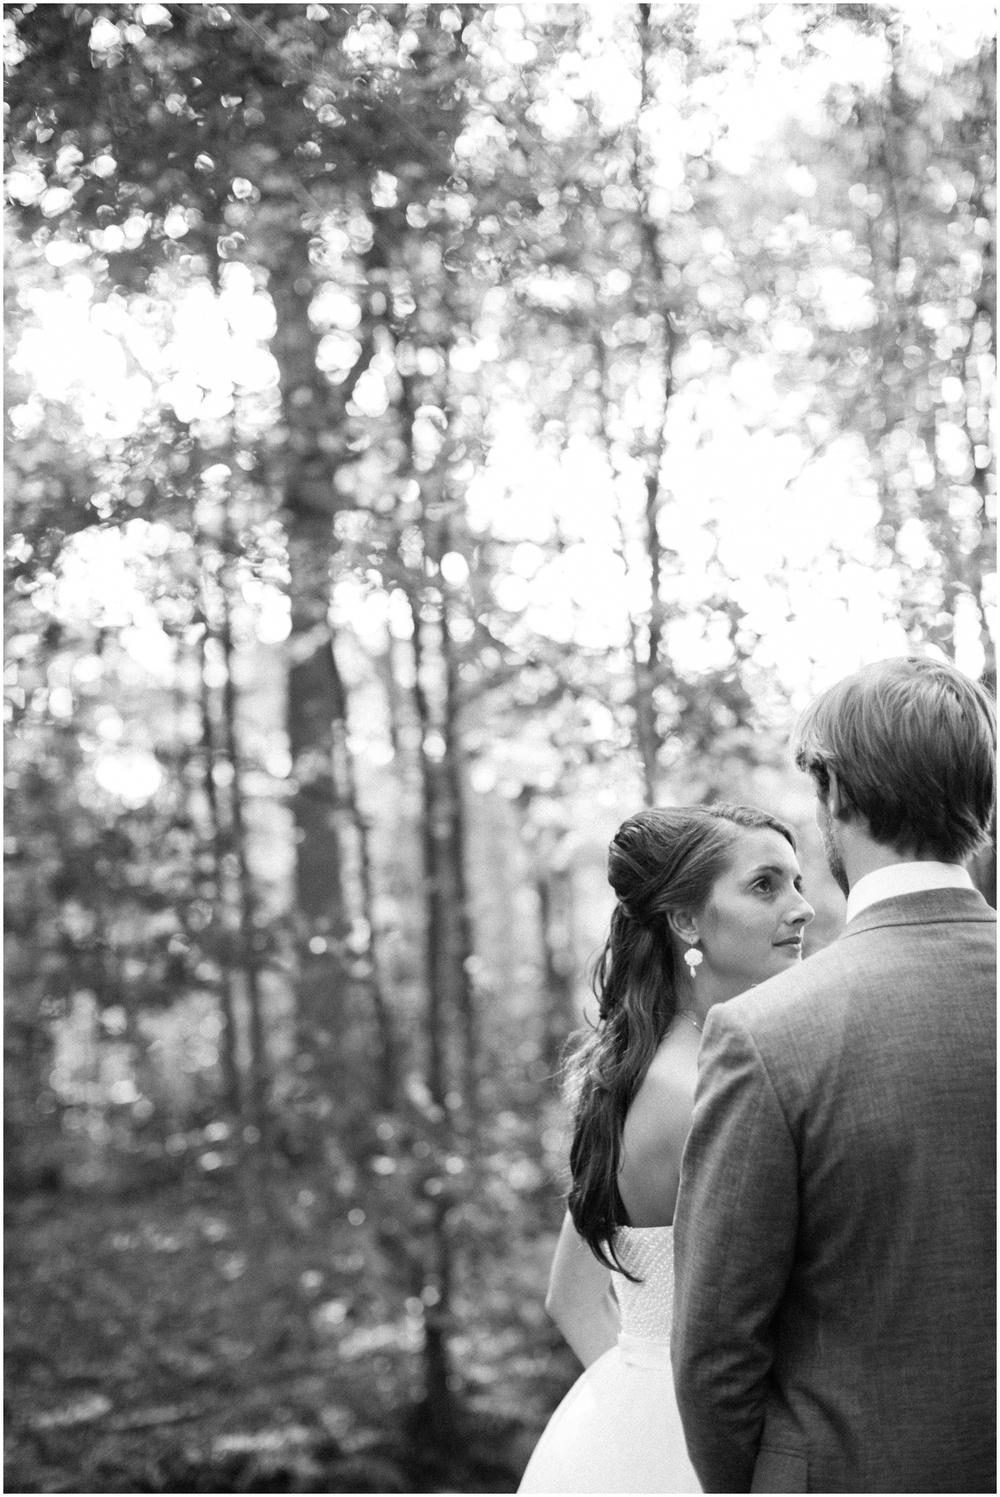 huwelijksfotograaf-brasschaat-mansion-of-dragons-027.jpg